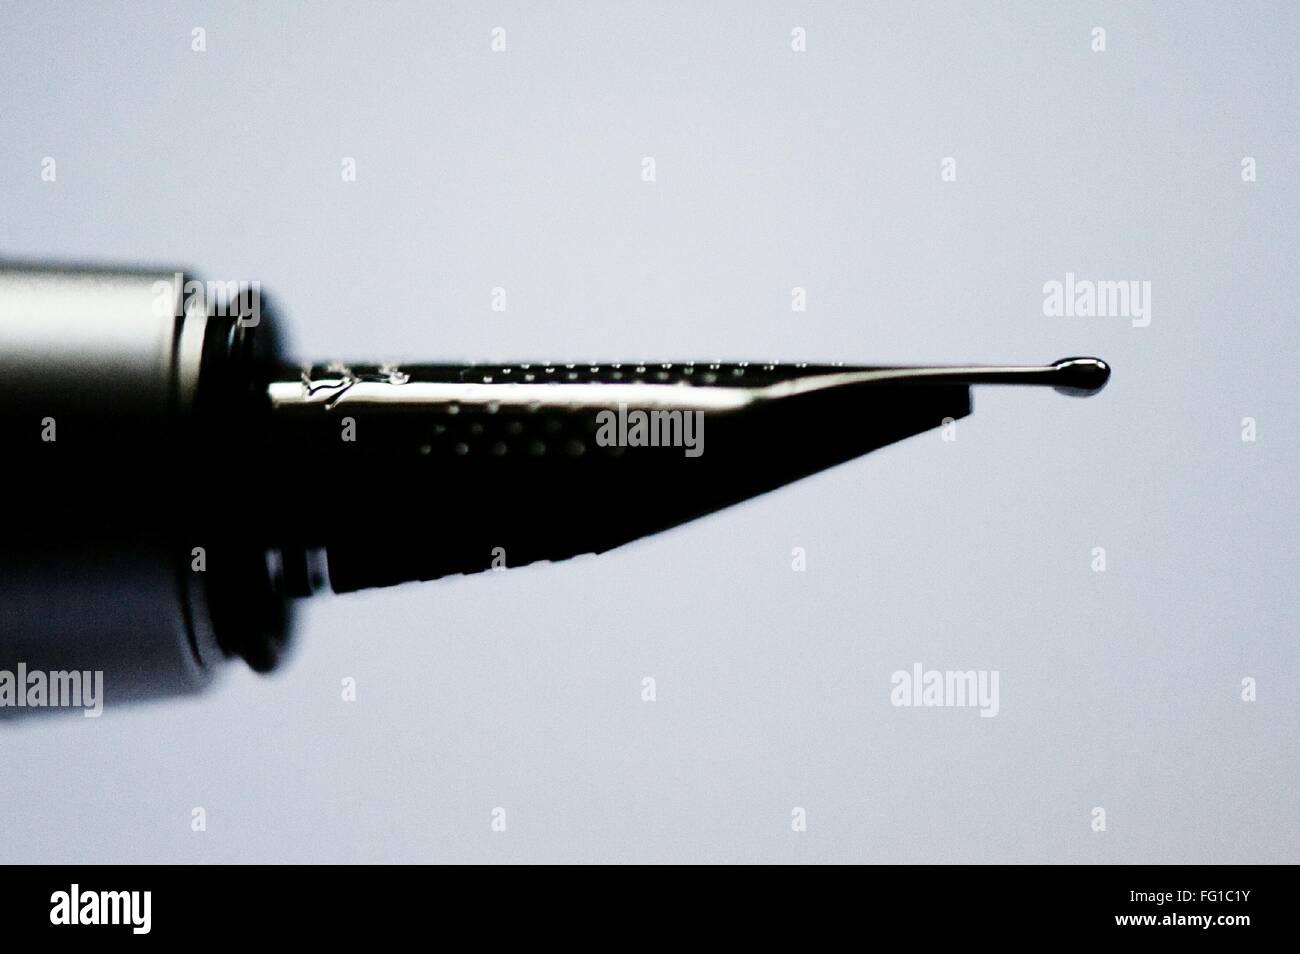 Macro colpo di penna stilografica pennino contro sfondo colorato Immagini Stock